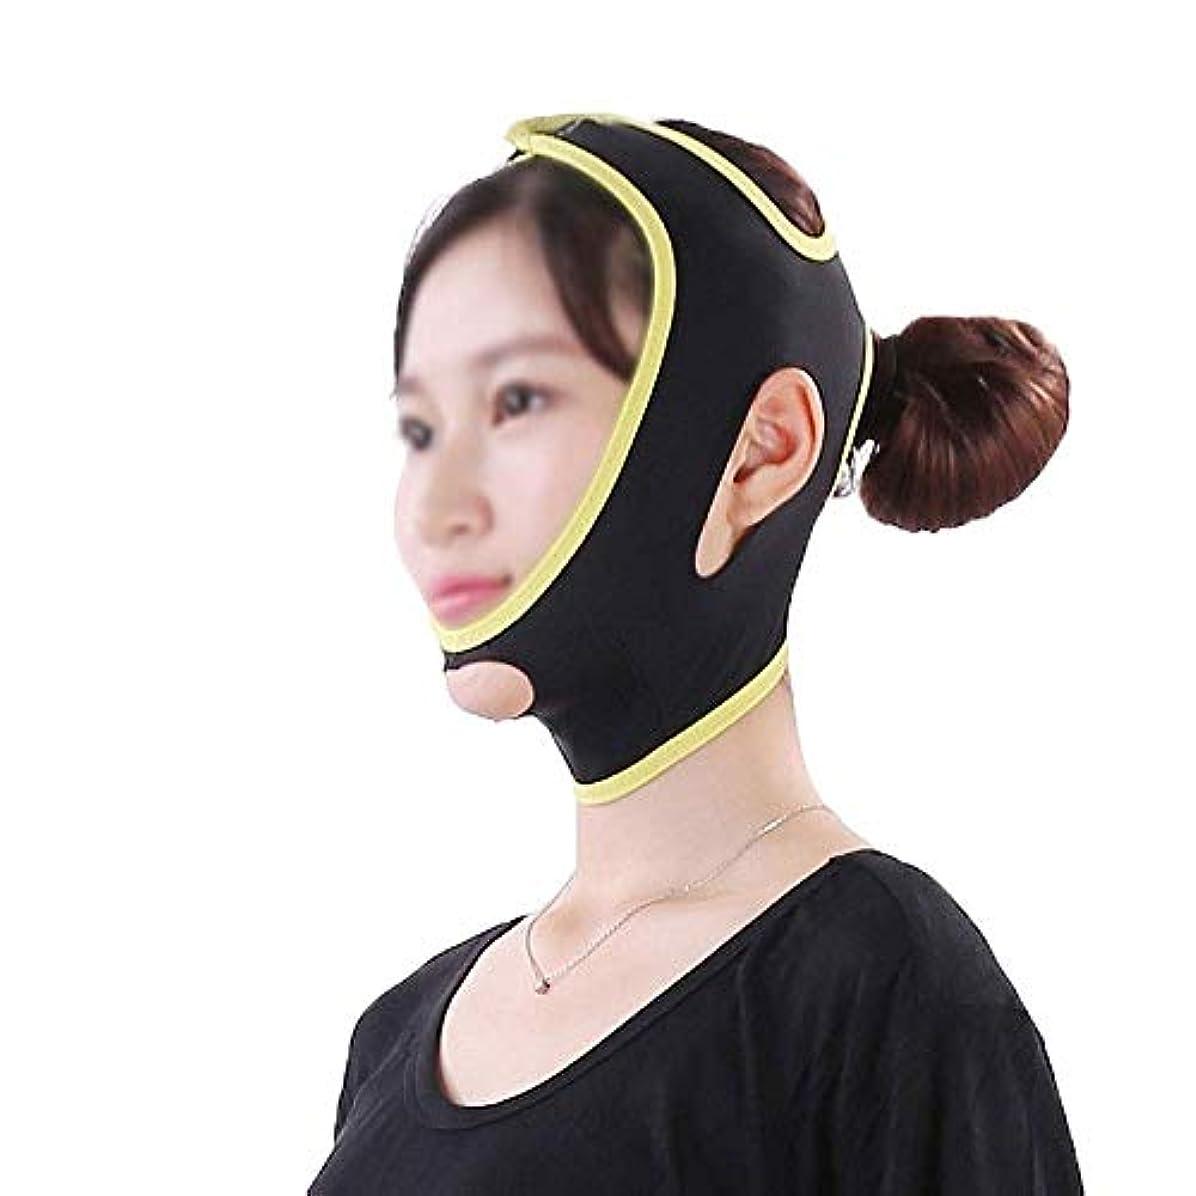 フェイス&ネックリフト、フェイスリフトマスク強力なフェイスマスクフェイスリフトアーティファクトフェイスリフティングフェイスリフティングツールフェイスリフティング包帯シンフェイスマスク美容マスク(サイズ:L),M